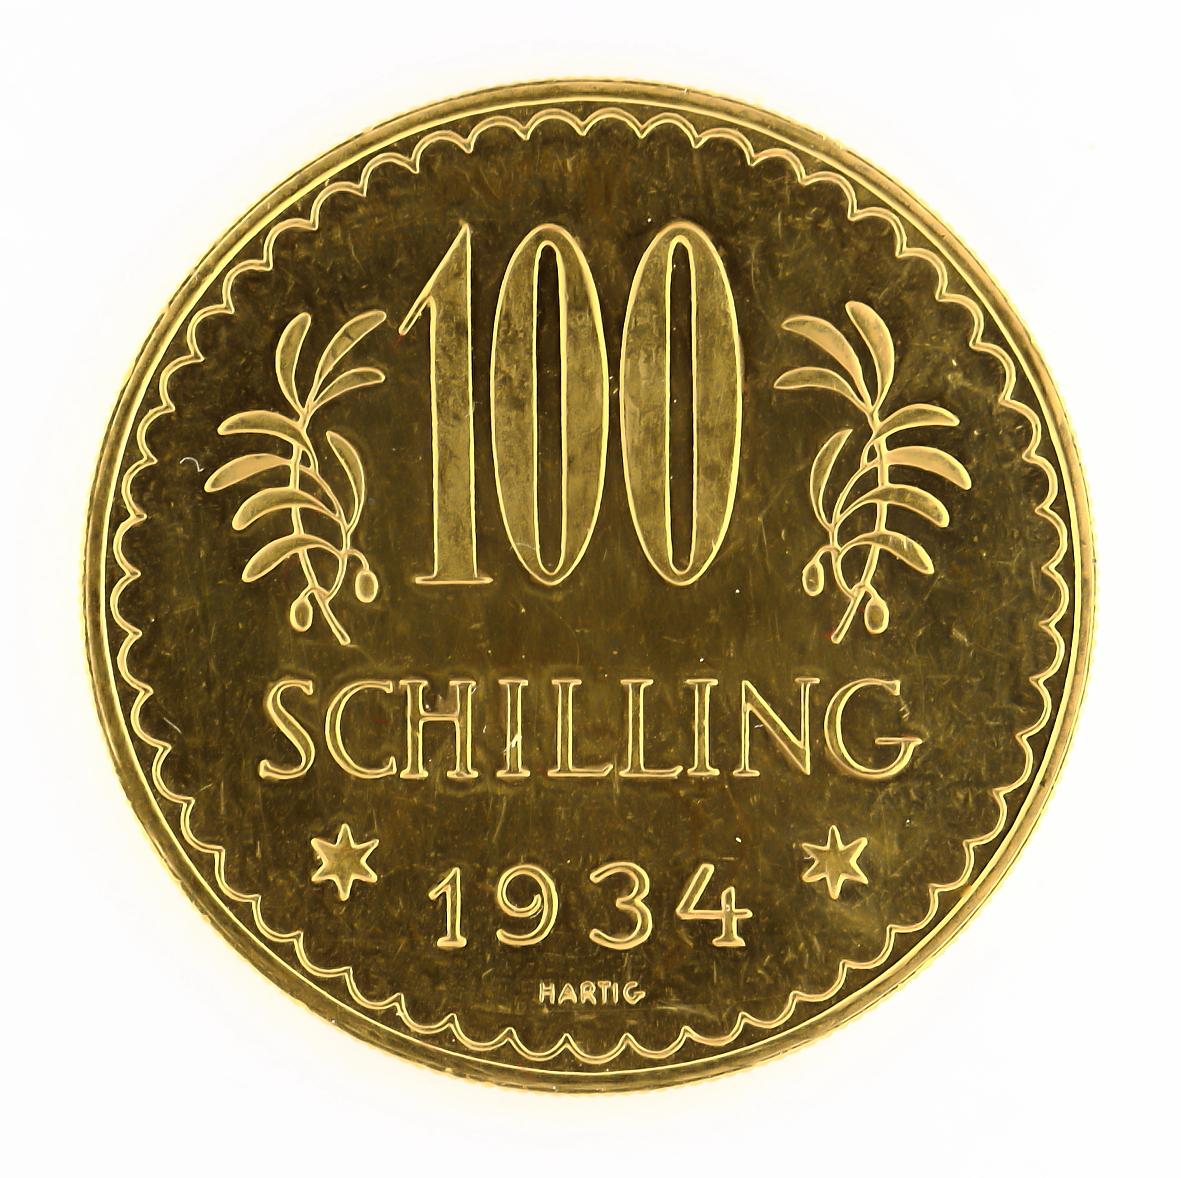 Dateiösterreich 100 Schilling Münze 1934 Reversjpg Wikipedia